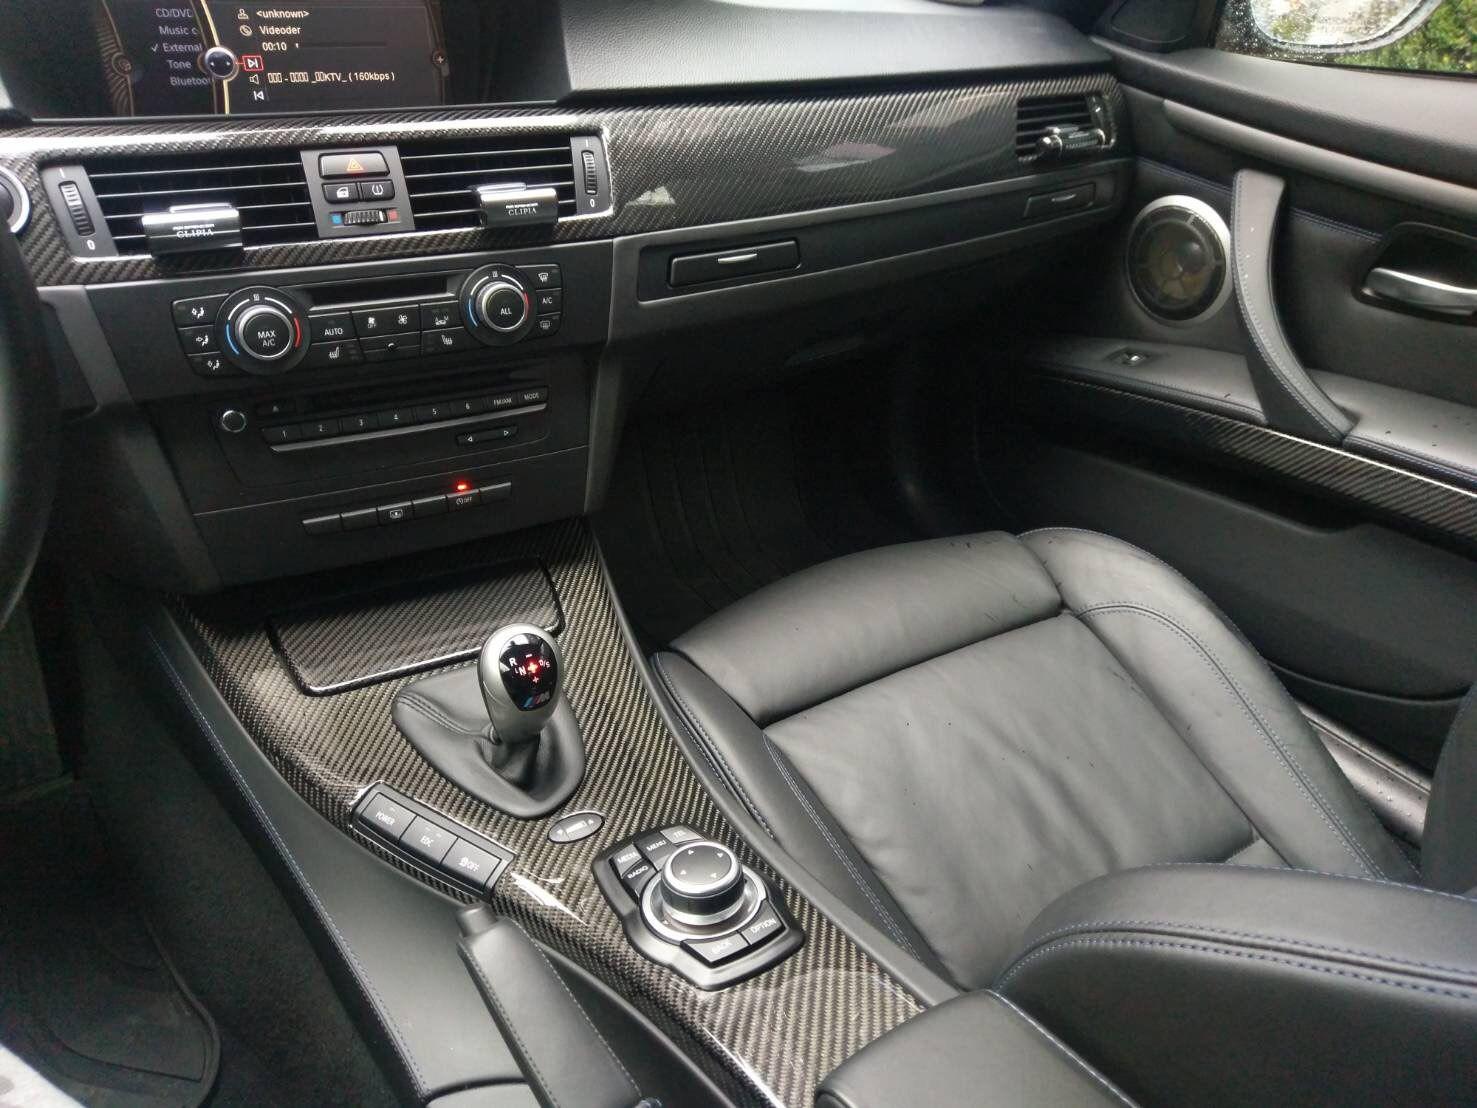 Carbon Fiber Interior Trim Kit On A Bmw E92 M3